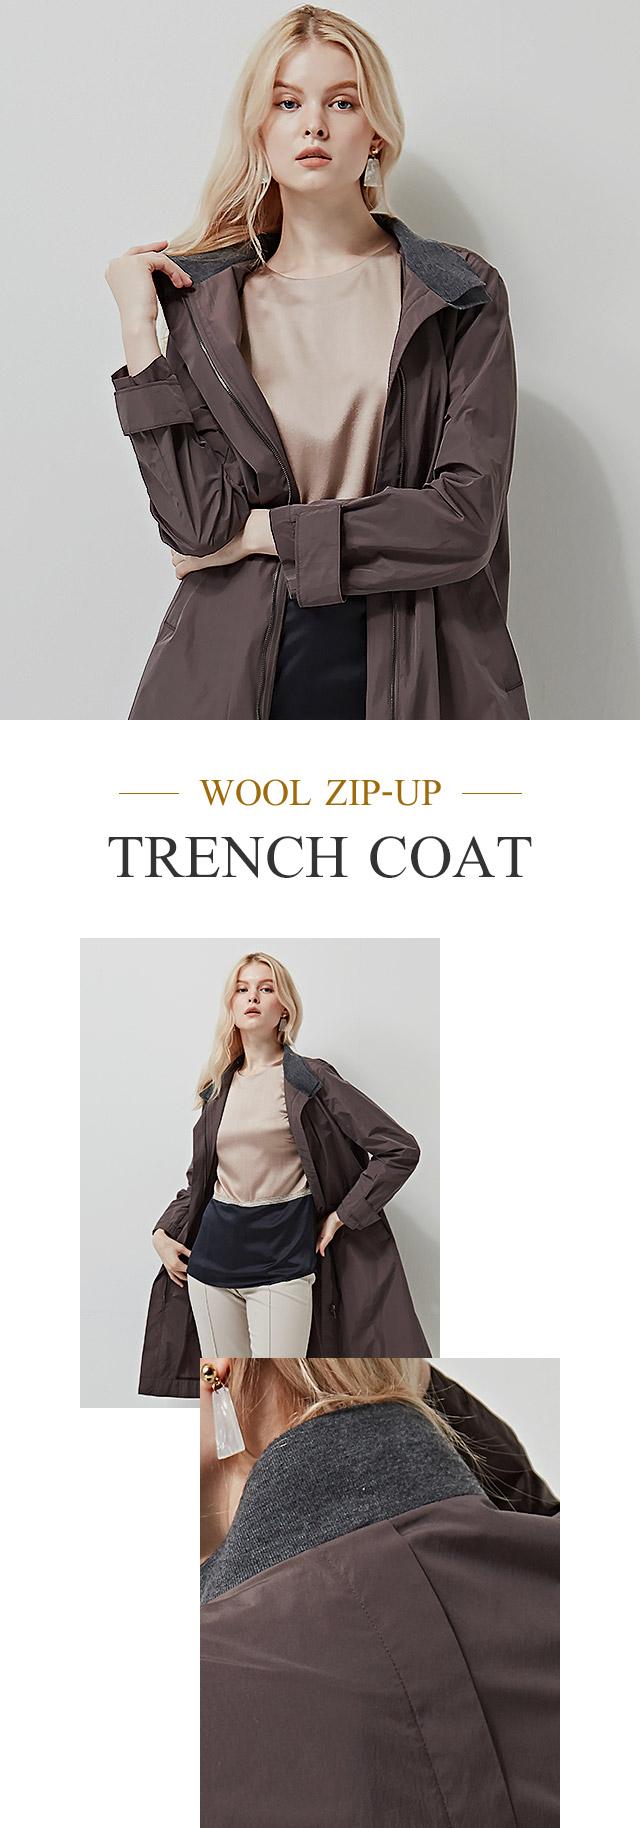 wool zip up, trench coat, zip up, tench coat, wool coat, 집업,짚업,울 짚업 코트